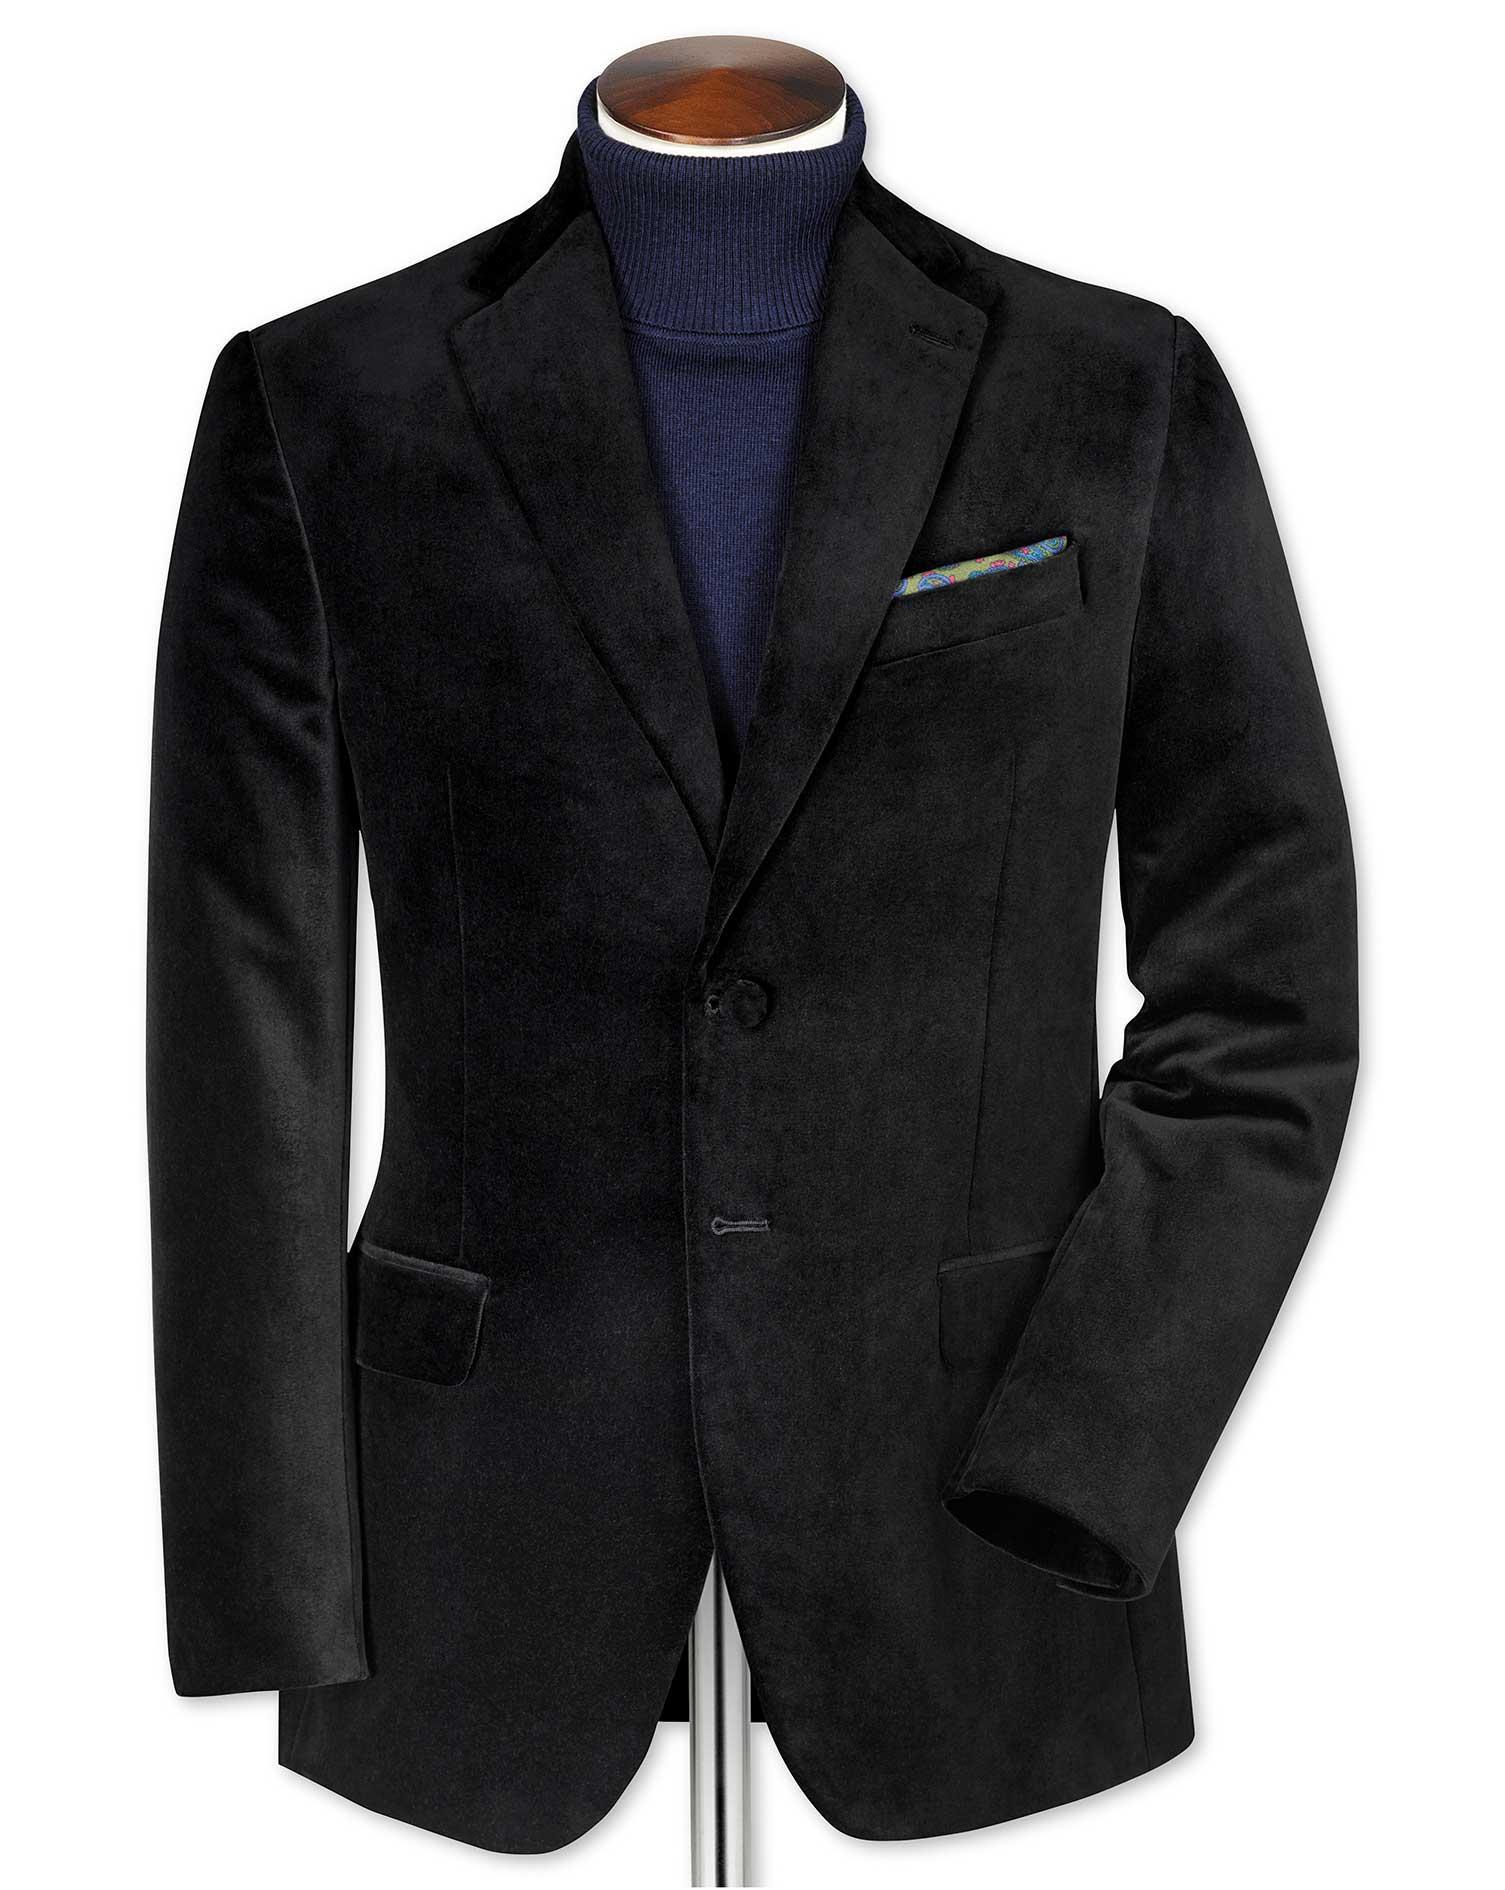 Slim Fit Black Velvet Cotton Blazer Size 46 Regular by Charles Tyrwhitt